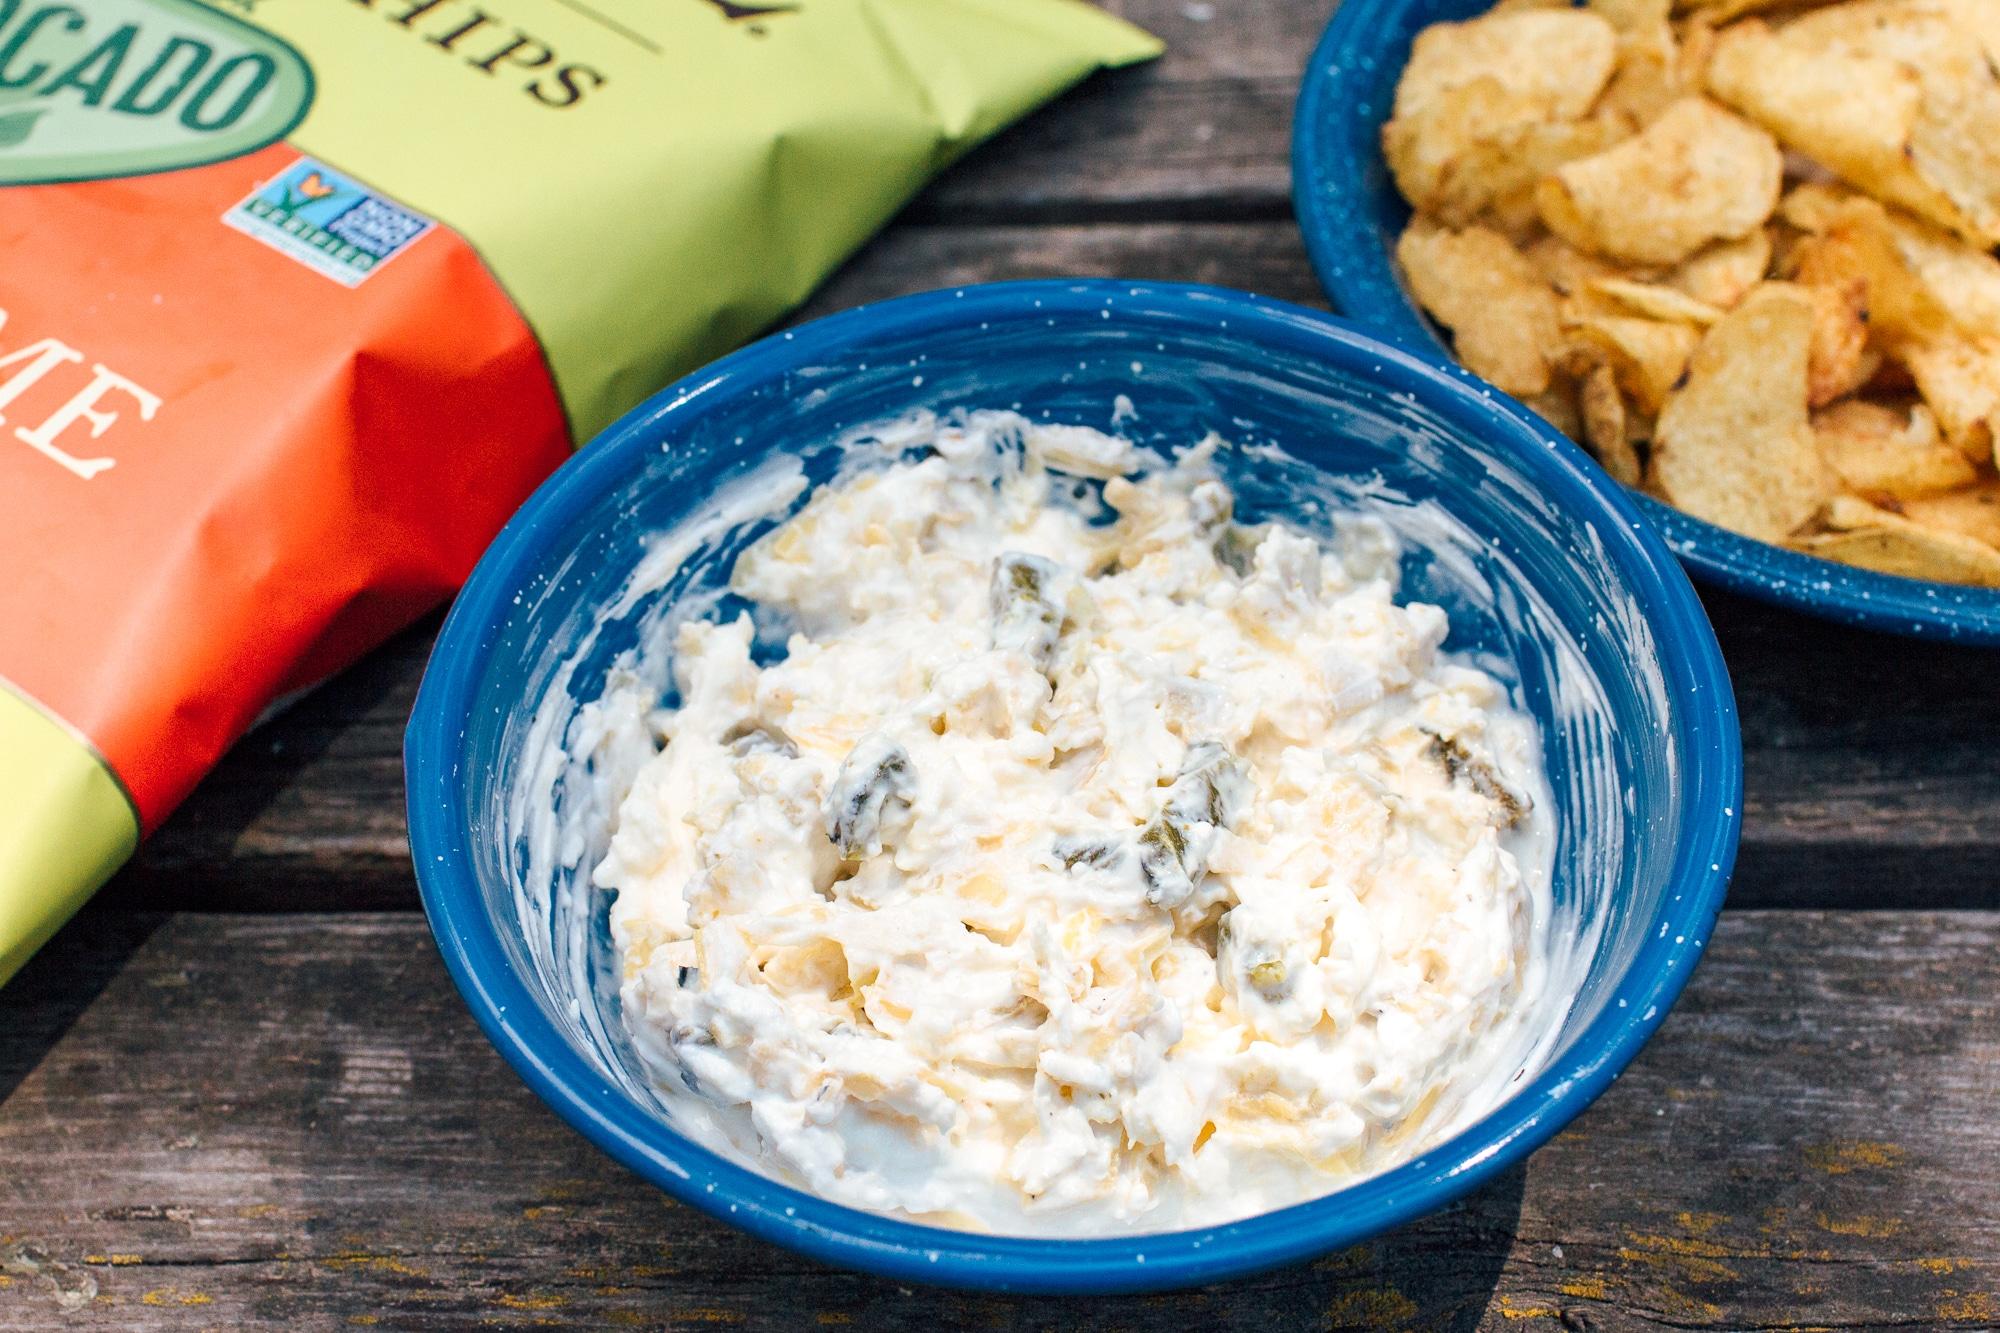 Jalapeno Artichoke dip in a blue enamel bowl on a wooden surface.